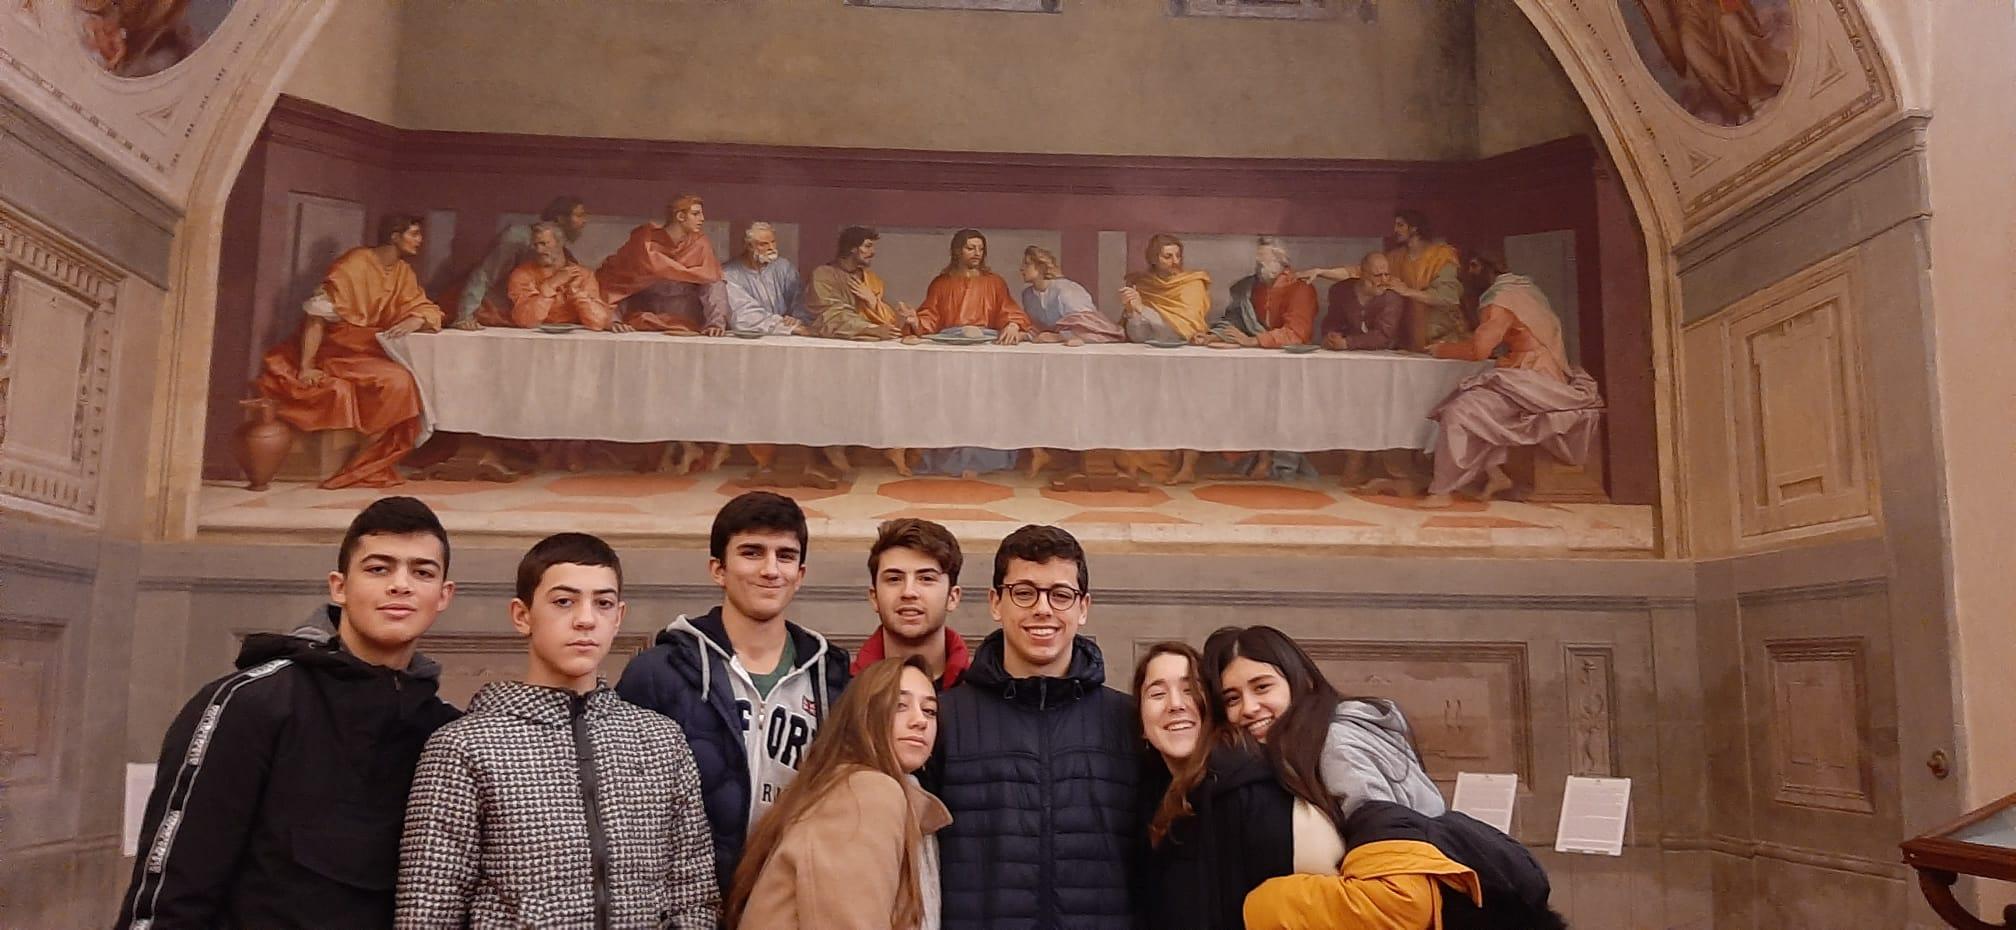 Adiós Florencia de los alumnos de Bachillerato del Colegio Filipense Blanca de Castilla de Palencia